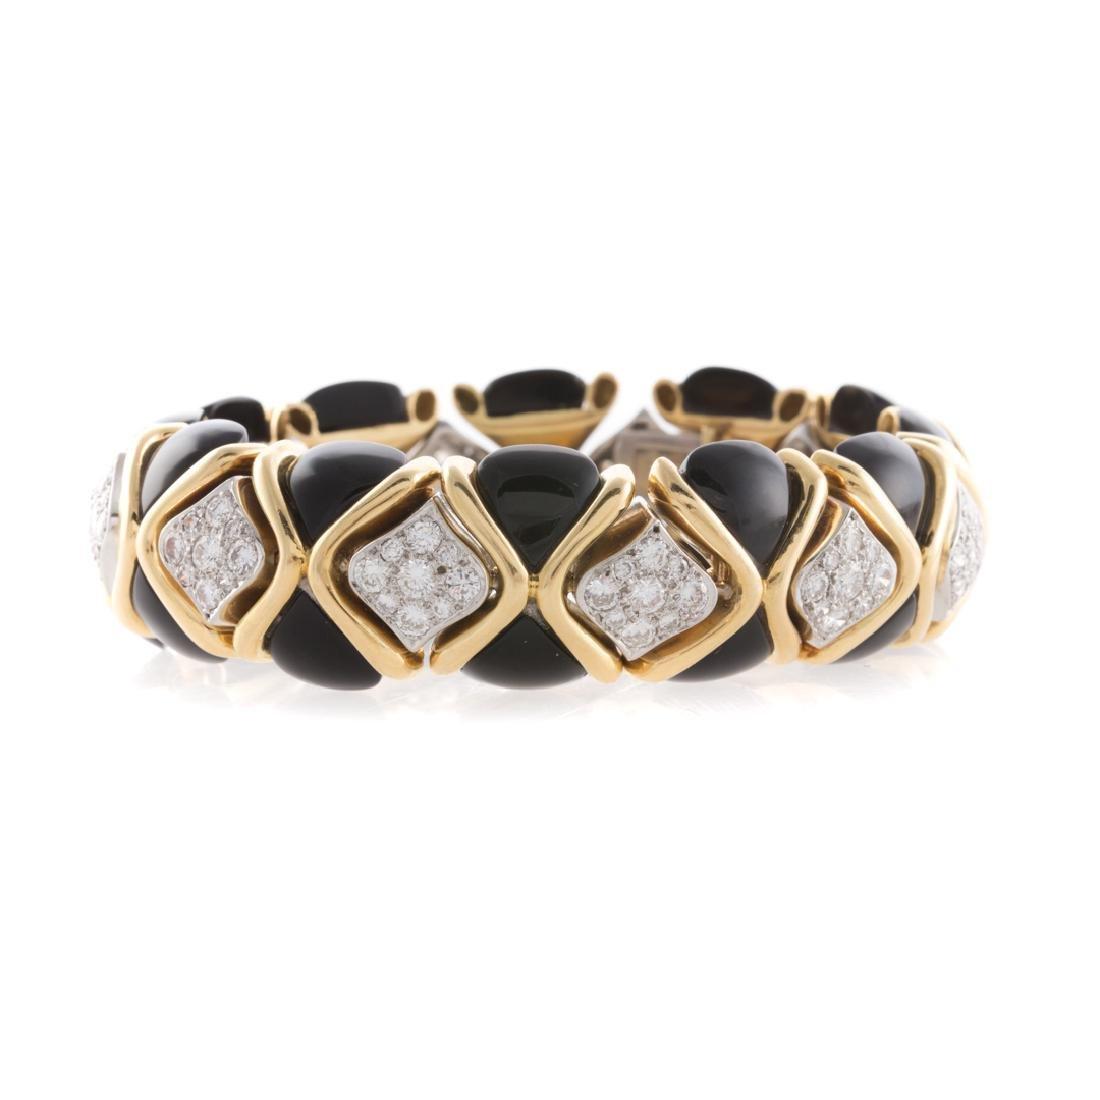 A Lady's Impressive Diamond Bracelet in 18K